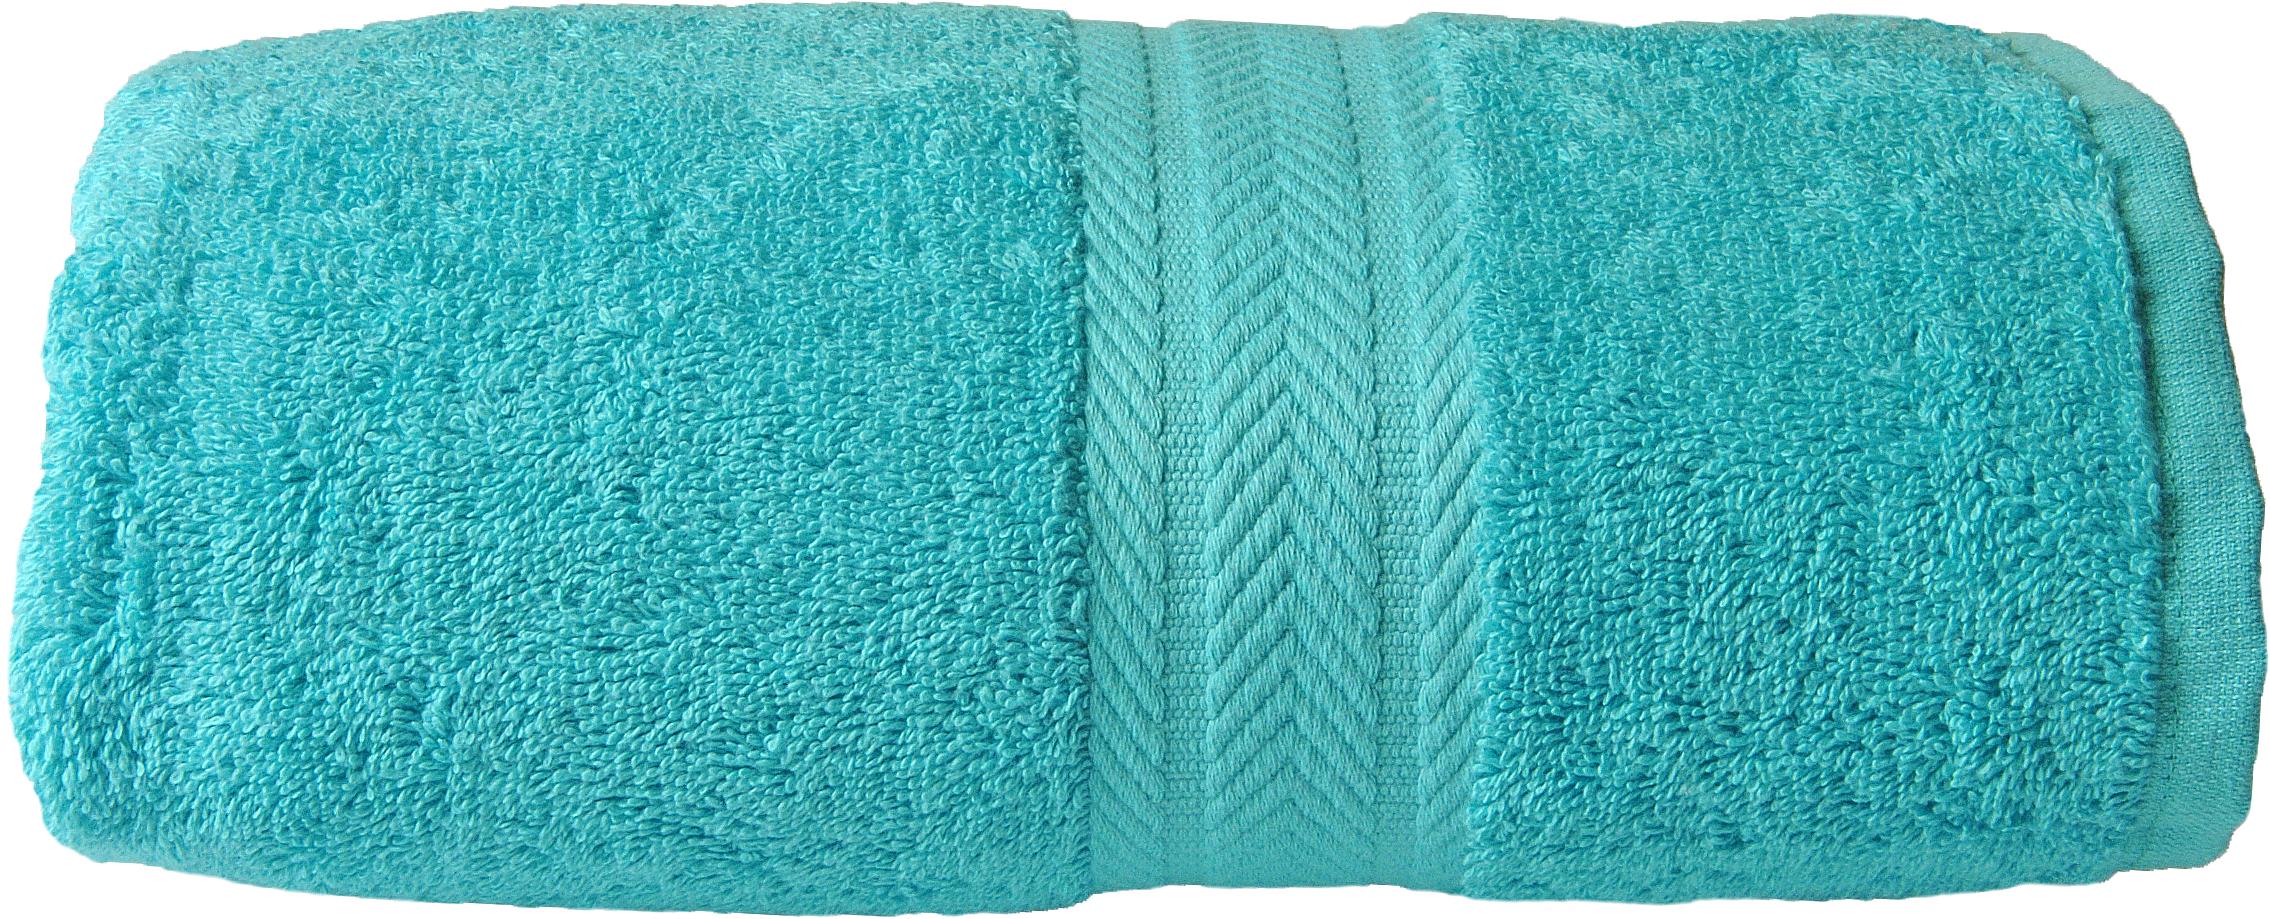 Drap de douche 70 x 140 cm en Coton couleur Bleu turquoise (Bleu Turquoise)